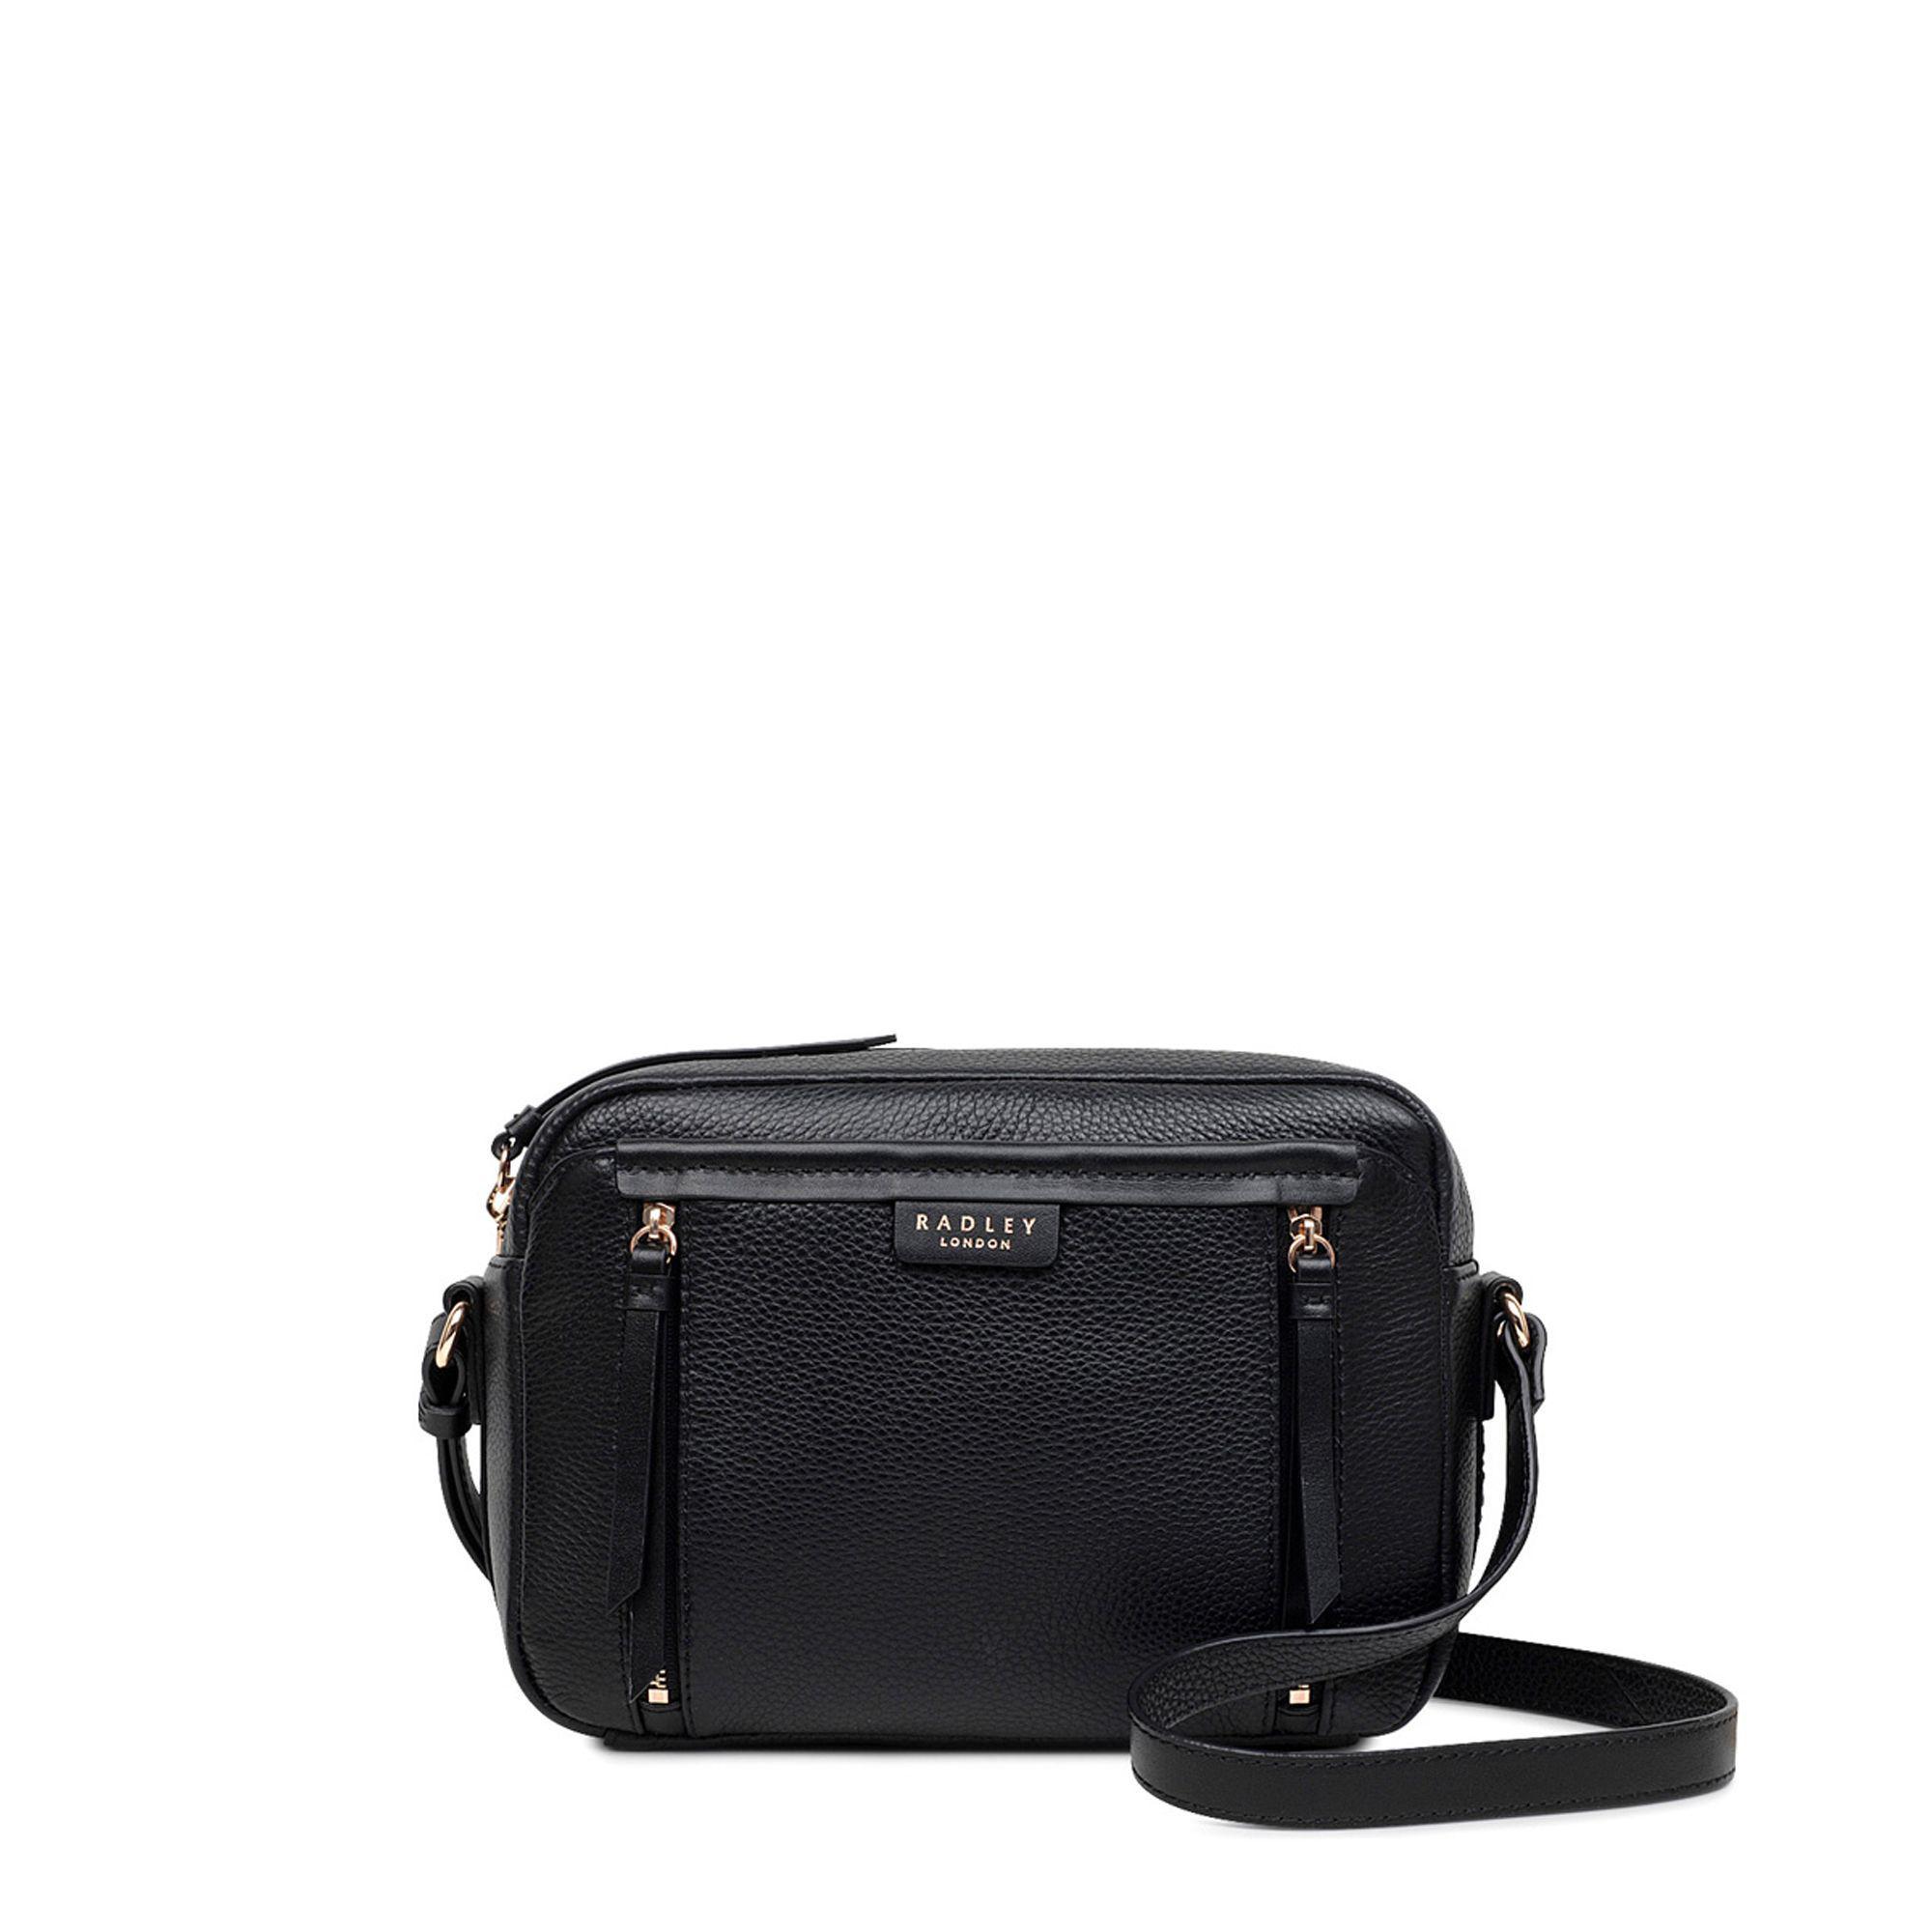 ffe5a941b6af Radley Black Leather  penhurst Zip  Medium Crossbody Bag in Black - Lyst